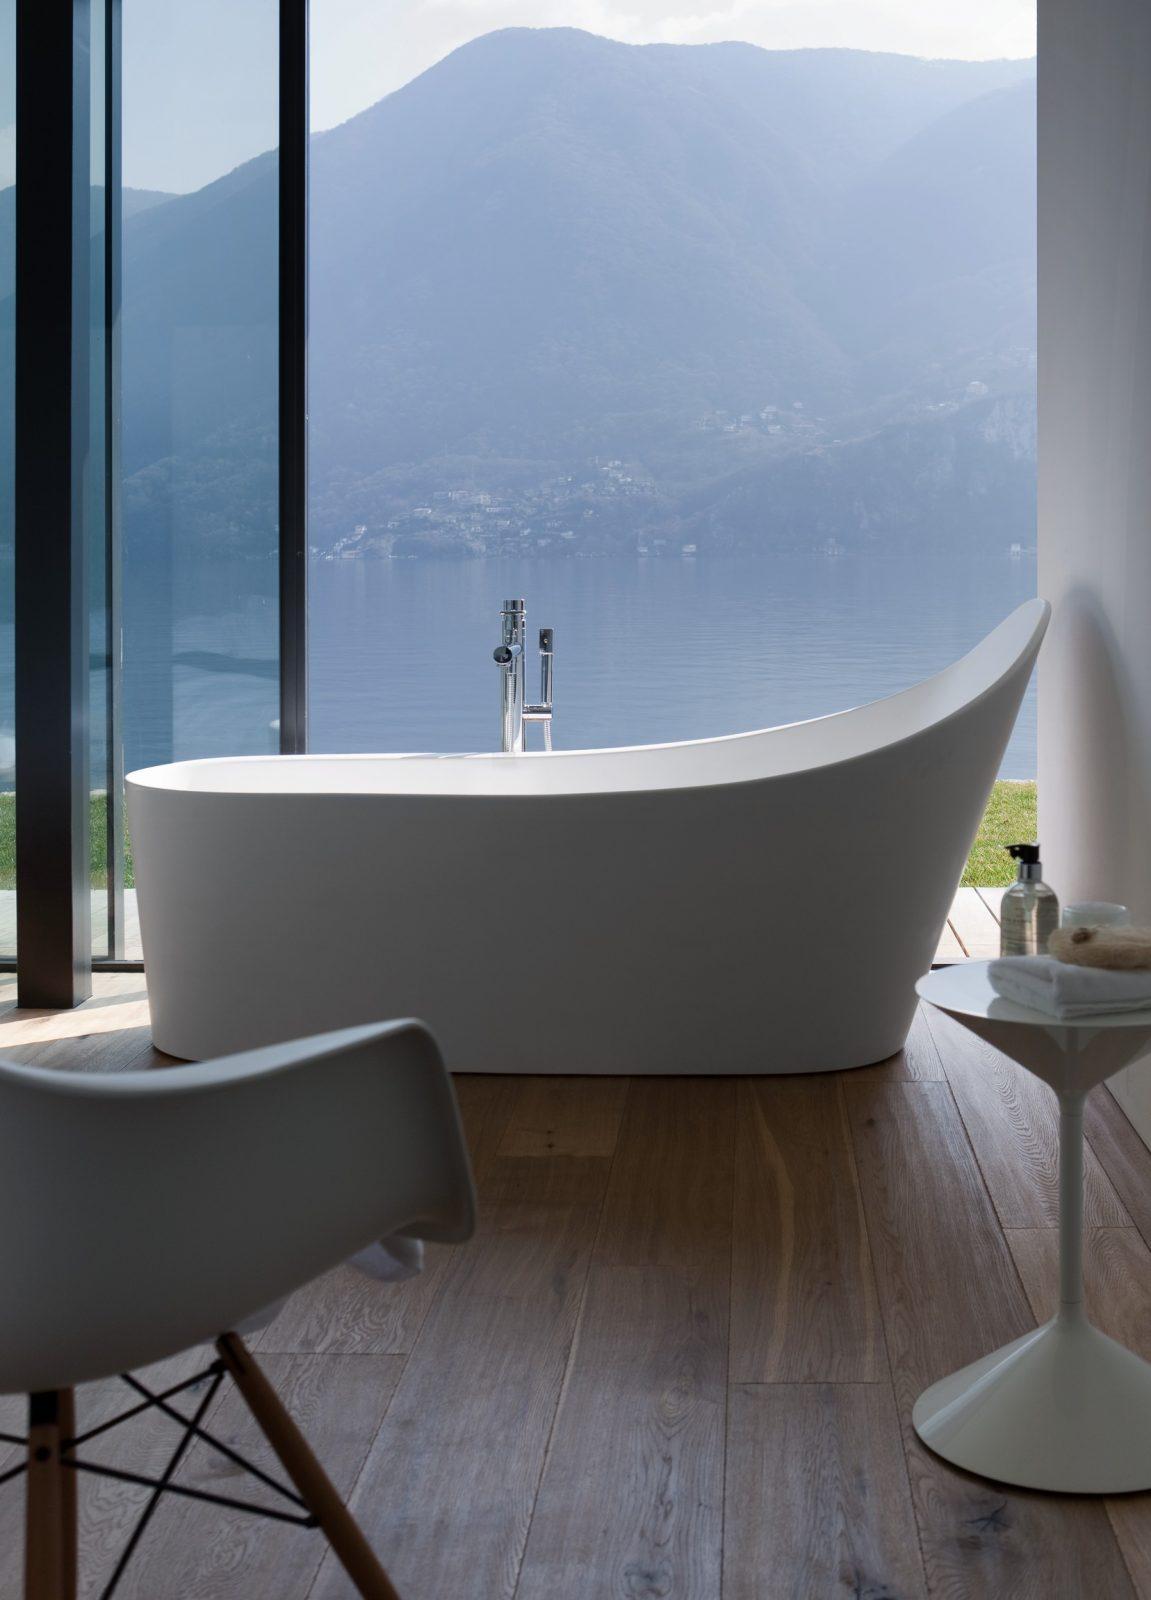 Fiche produit de la salle de bains baignoire en lot - Produit salle de bain ...